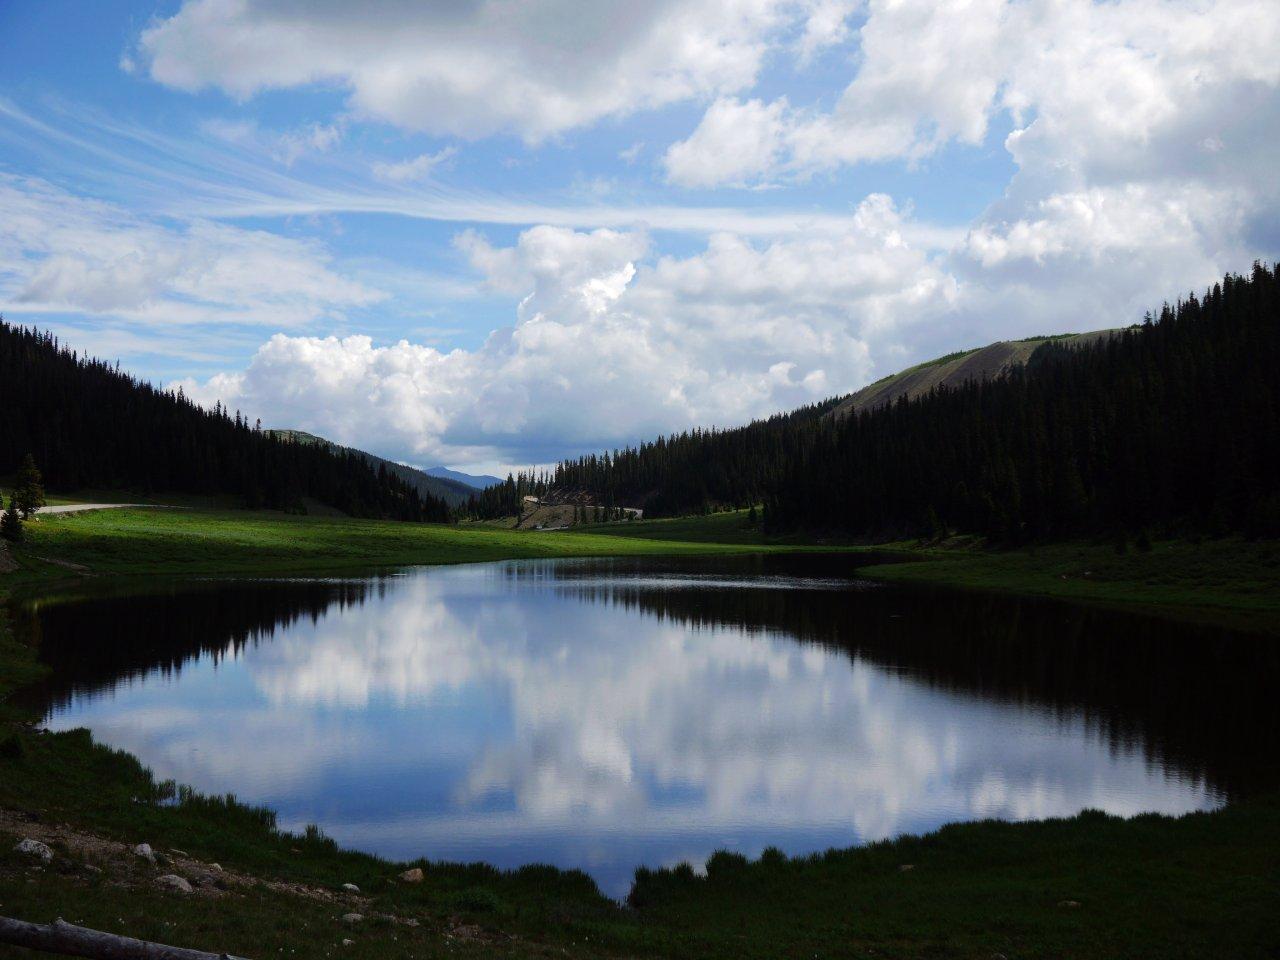 高海拔徒步Rocky Mountain National Park之旅